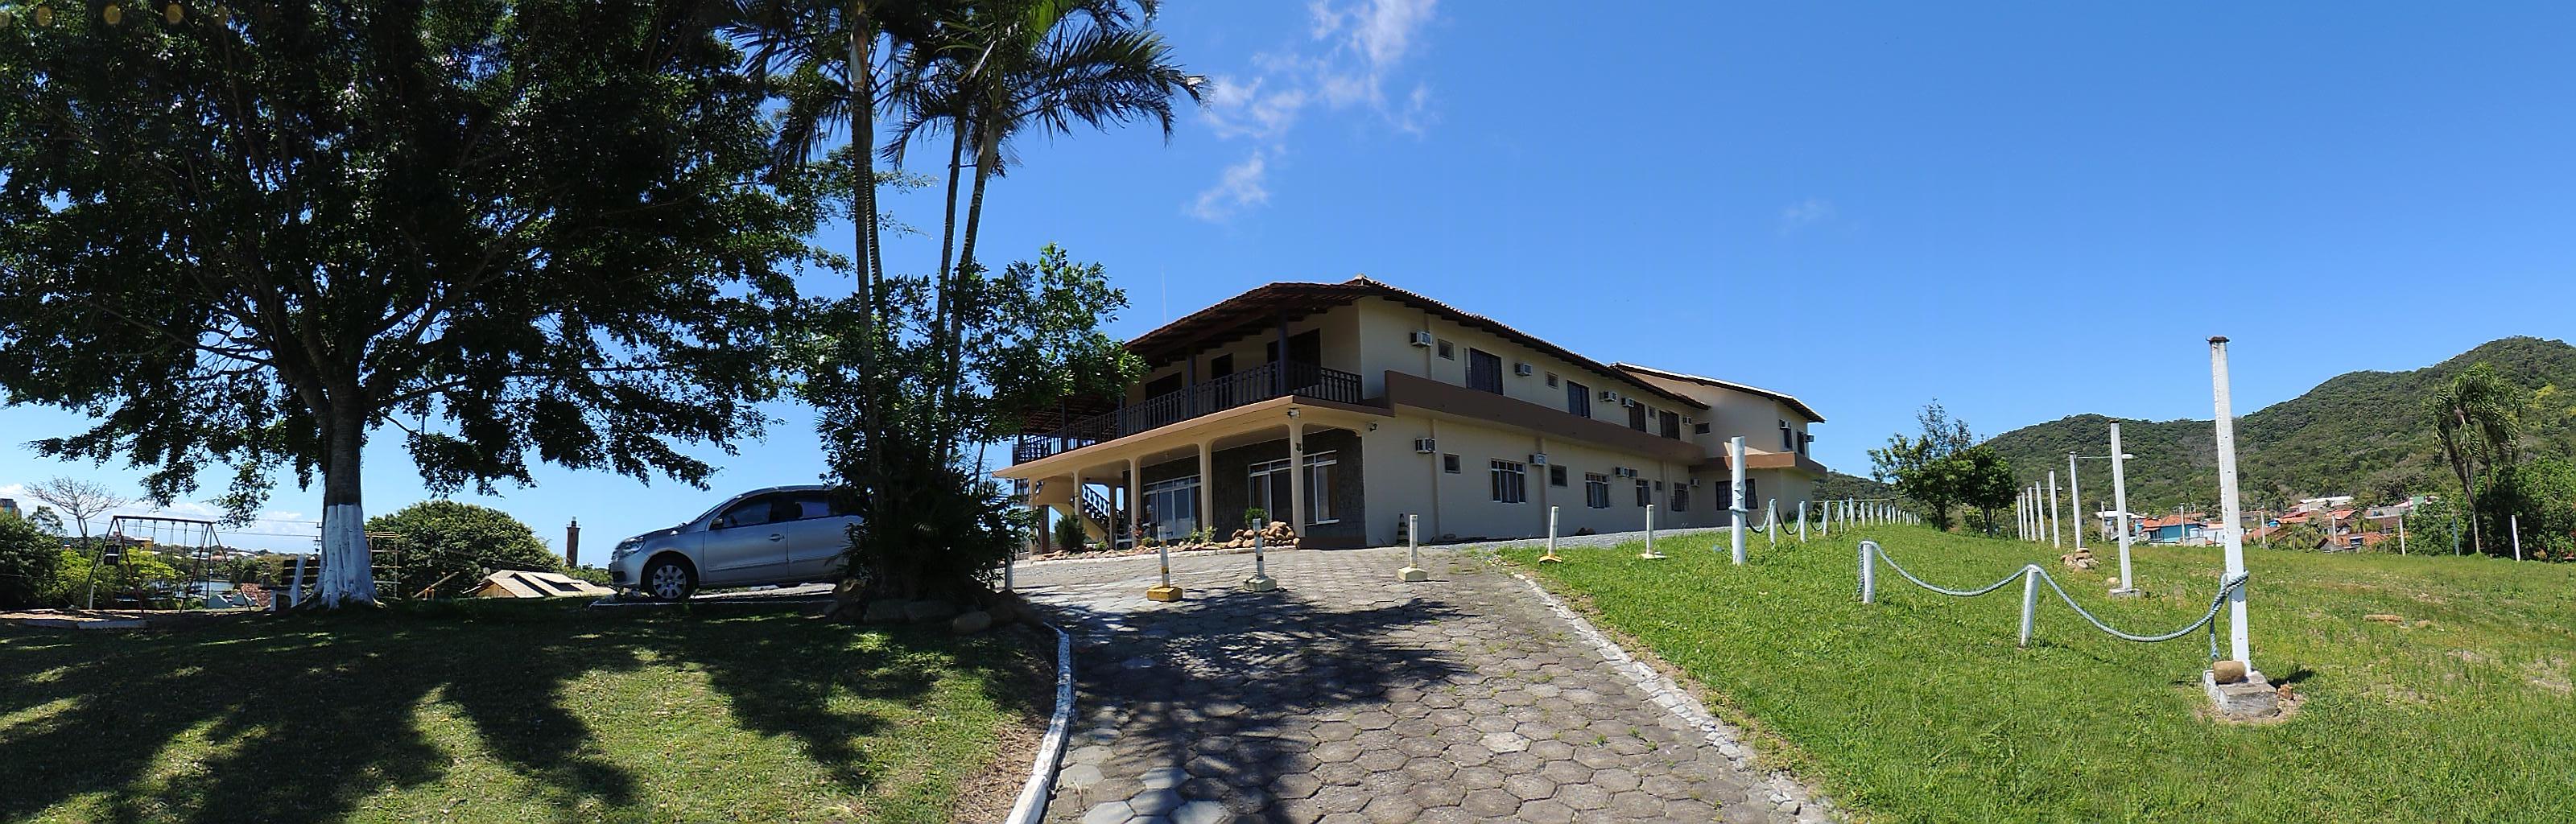 Hotel Panorâmico - Penha - SC